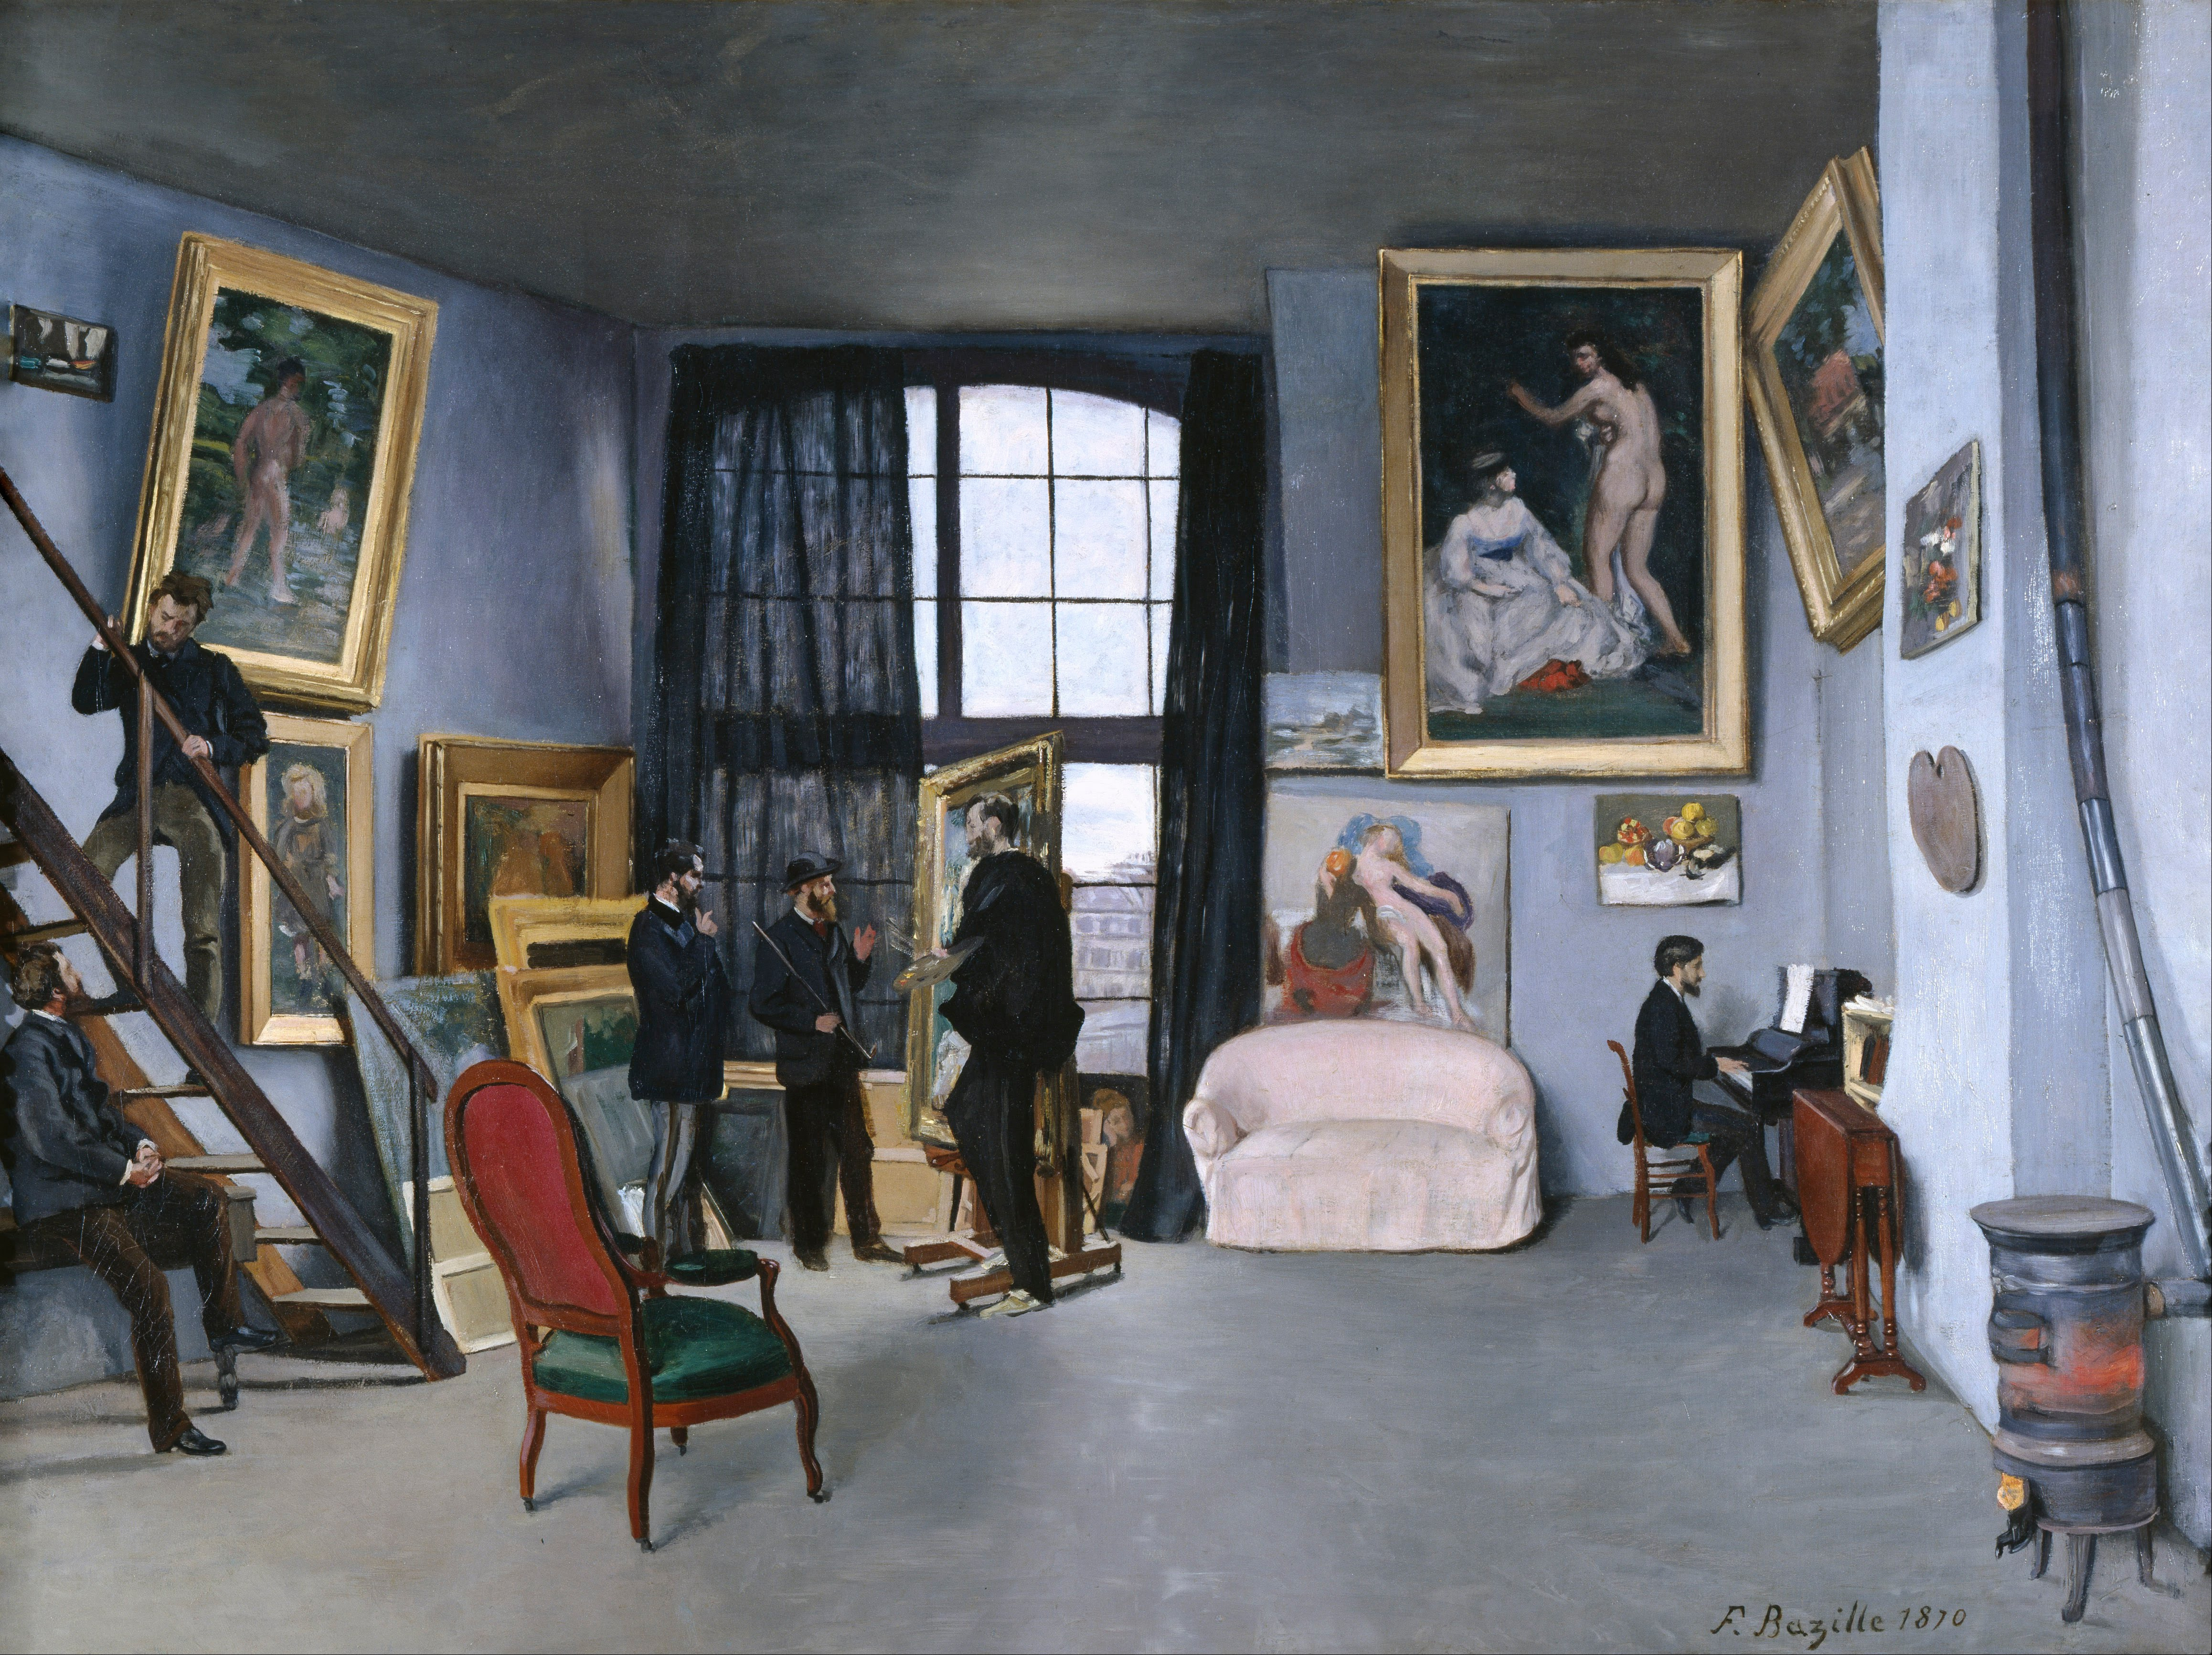 Bazille-Frederic-et-Manet-Edouard-L-atelier-de-Bazille-de-la-rue-de-la-Condamine-1870-Paris-musee-d-Orsay